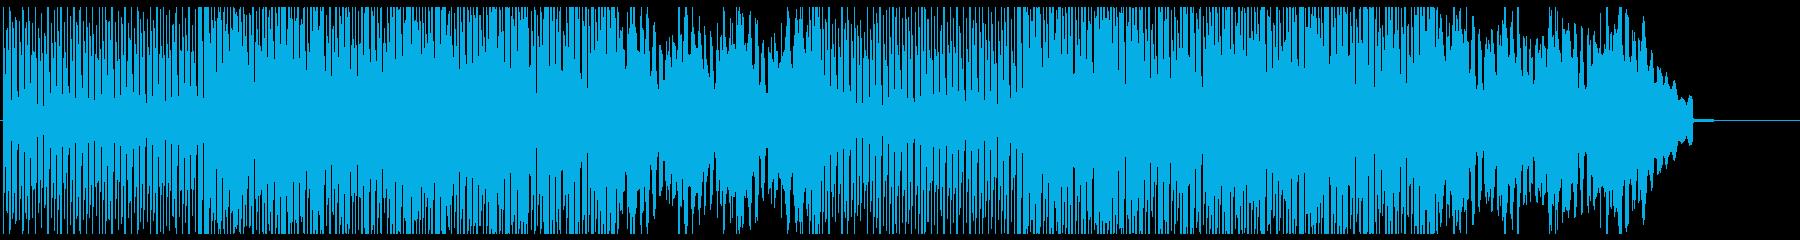 リズミカルでハイテクなユーロビートBGMの再生済みの波形